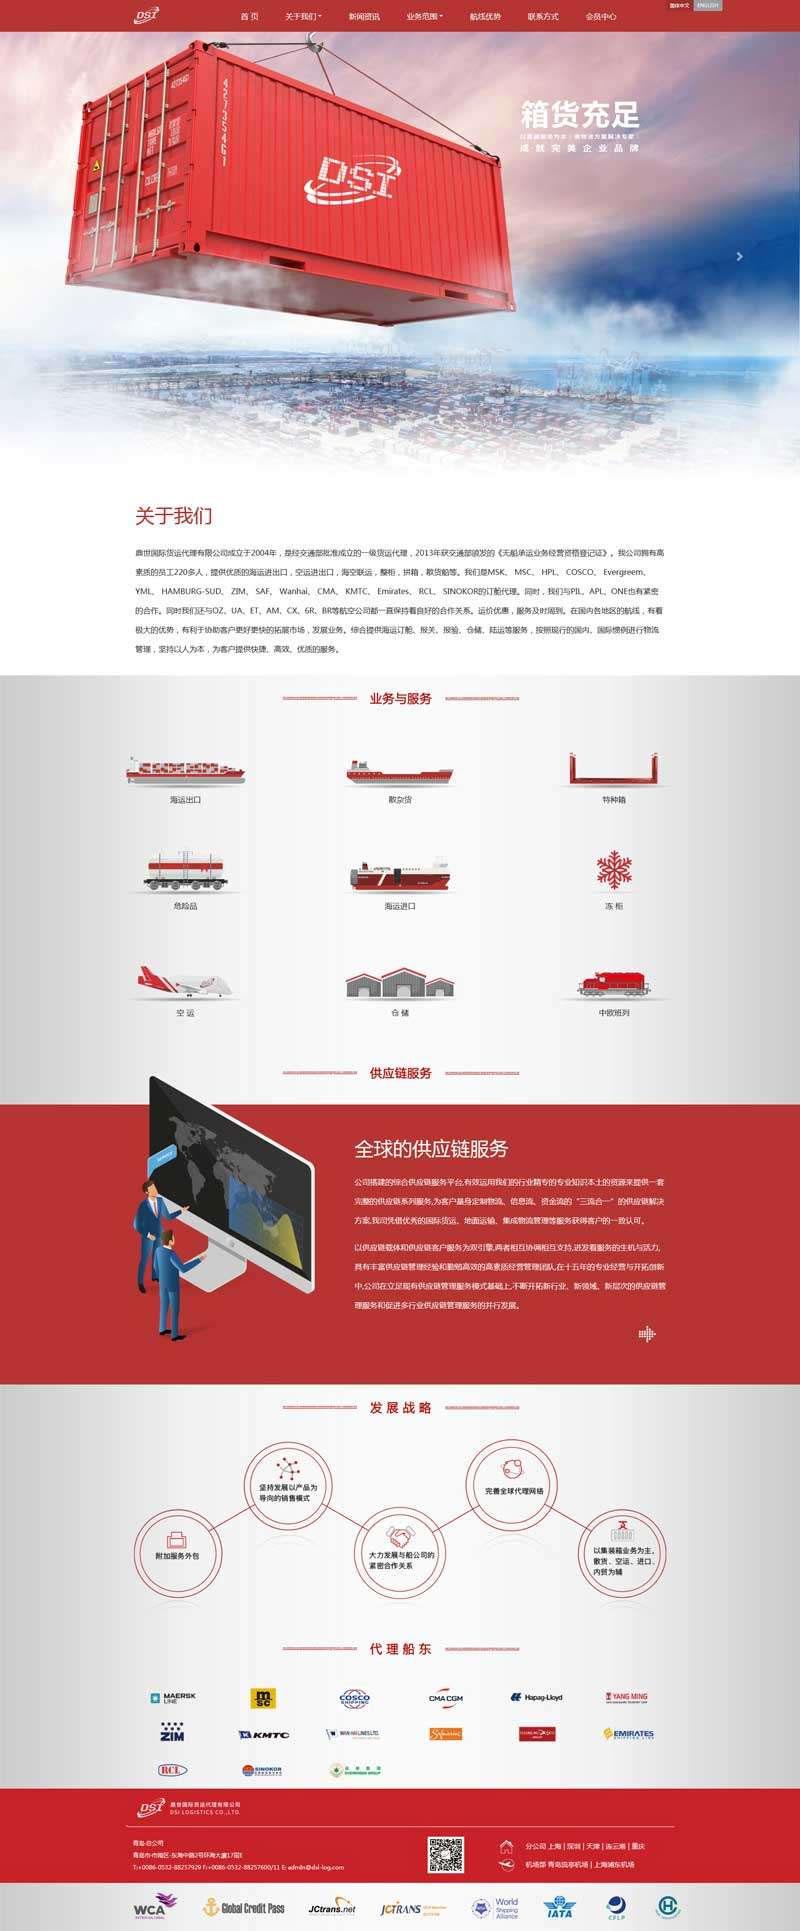 红色大气响应式集装箱货运公司首页模板